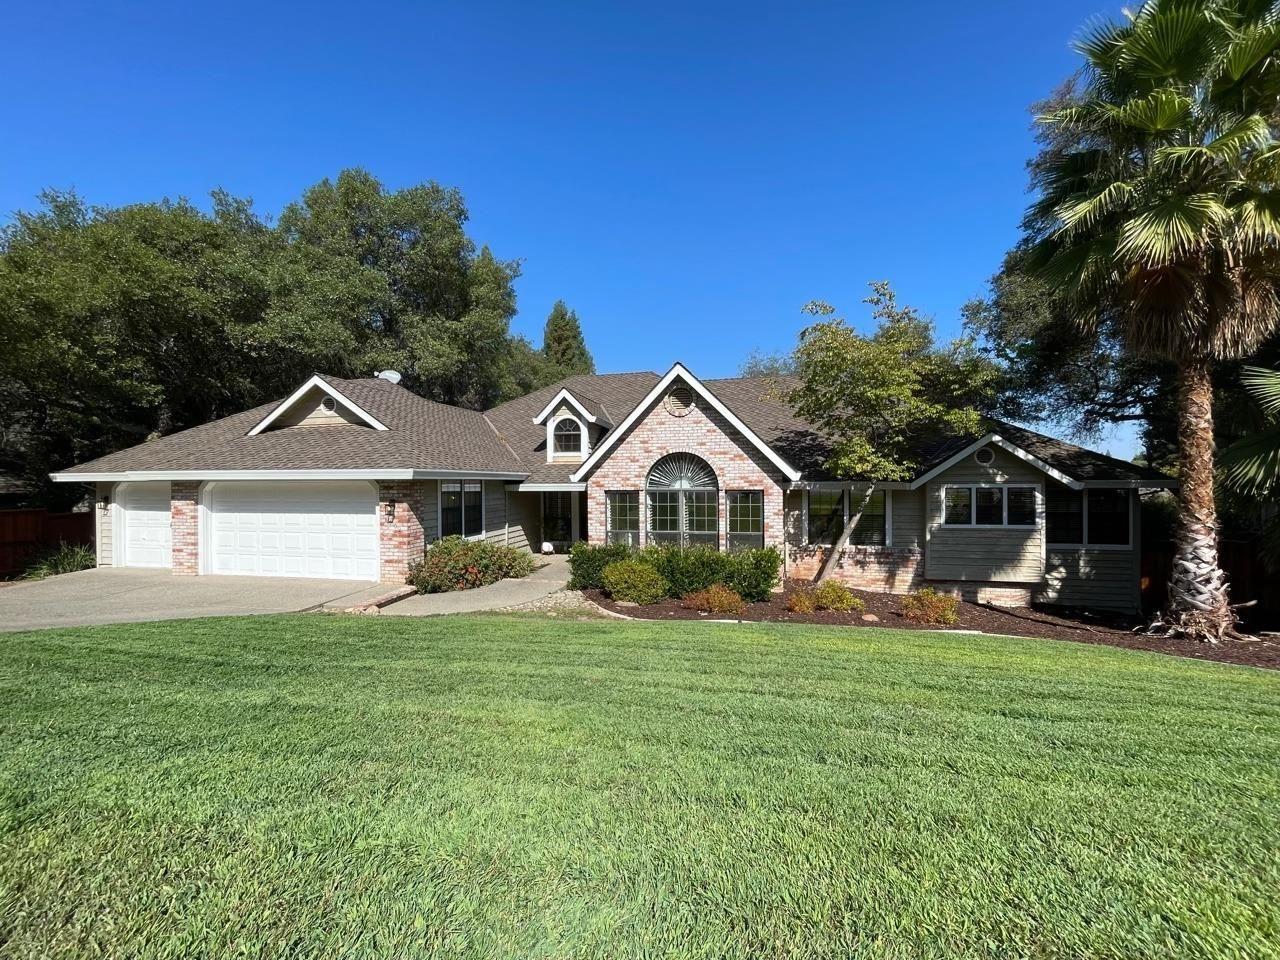 Photo of 8902 Bronson Drive, Granite Bay, CA 95746 (MLS # 221118072)